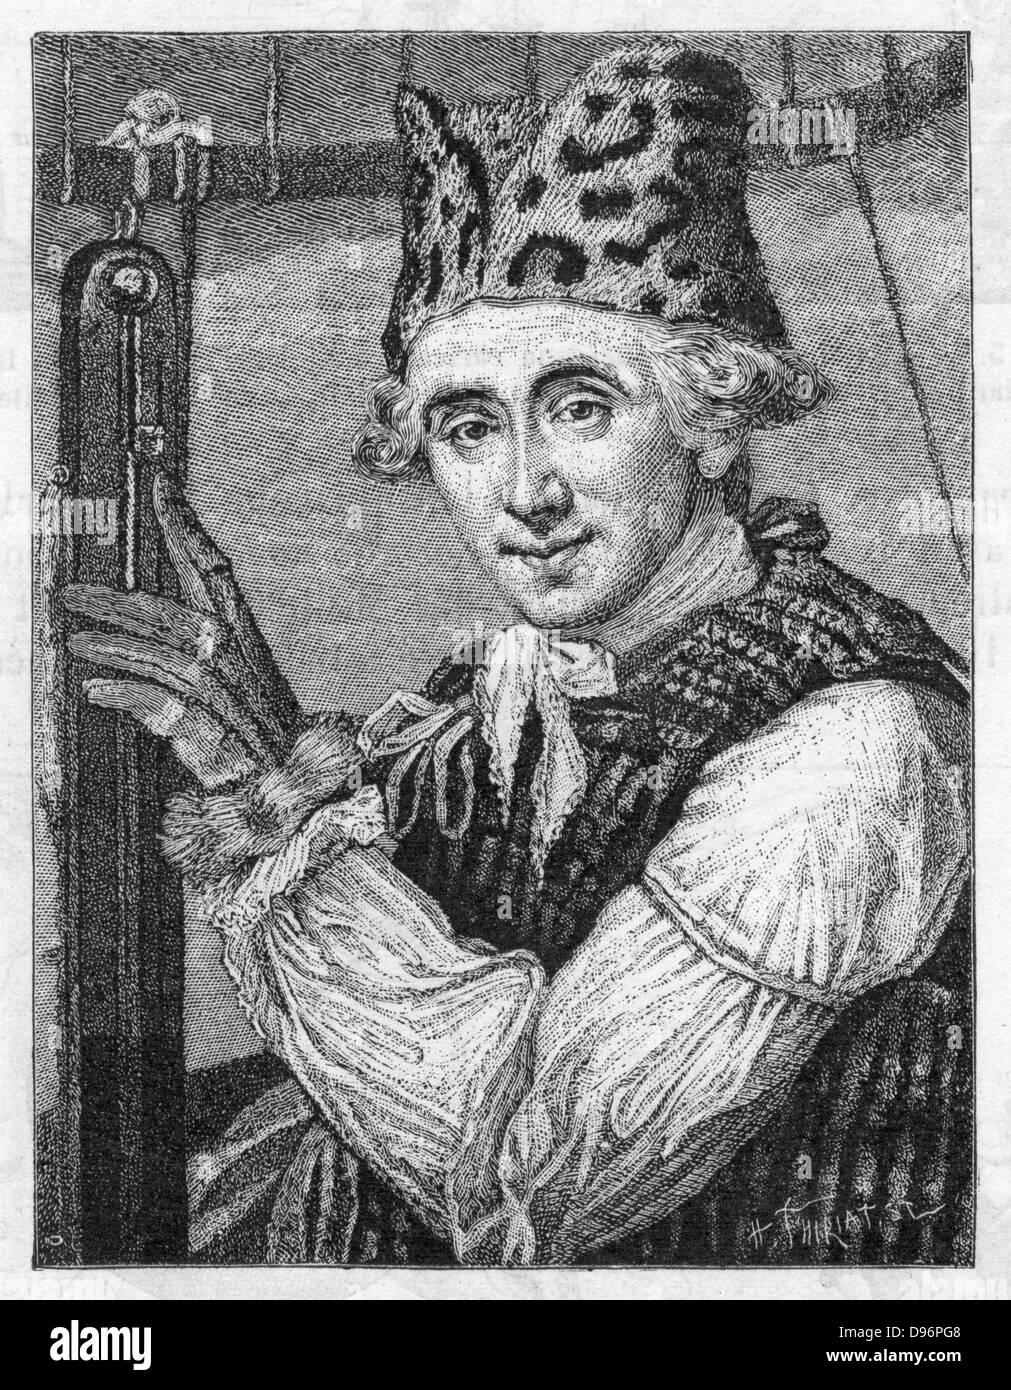 Dr. John Jeffries (1744-1819) amerikanischer Ballonfahrer während ein Ballon aufstieg der atmosphärischen Temperatur zu untersuchen, 7. Januar 1785. (London, 1786). Gravur. Stockfoto